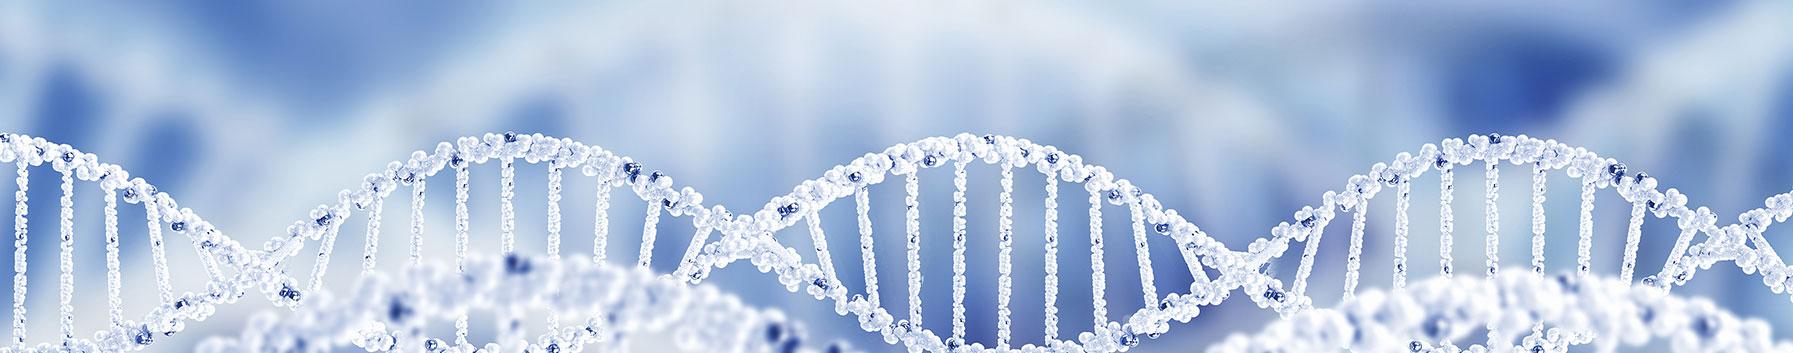 Προεμφυτευτικός Γενετικός Έλεγχος ATG